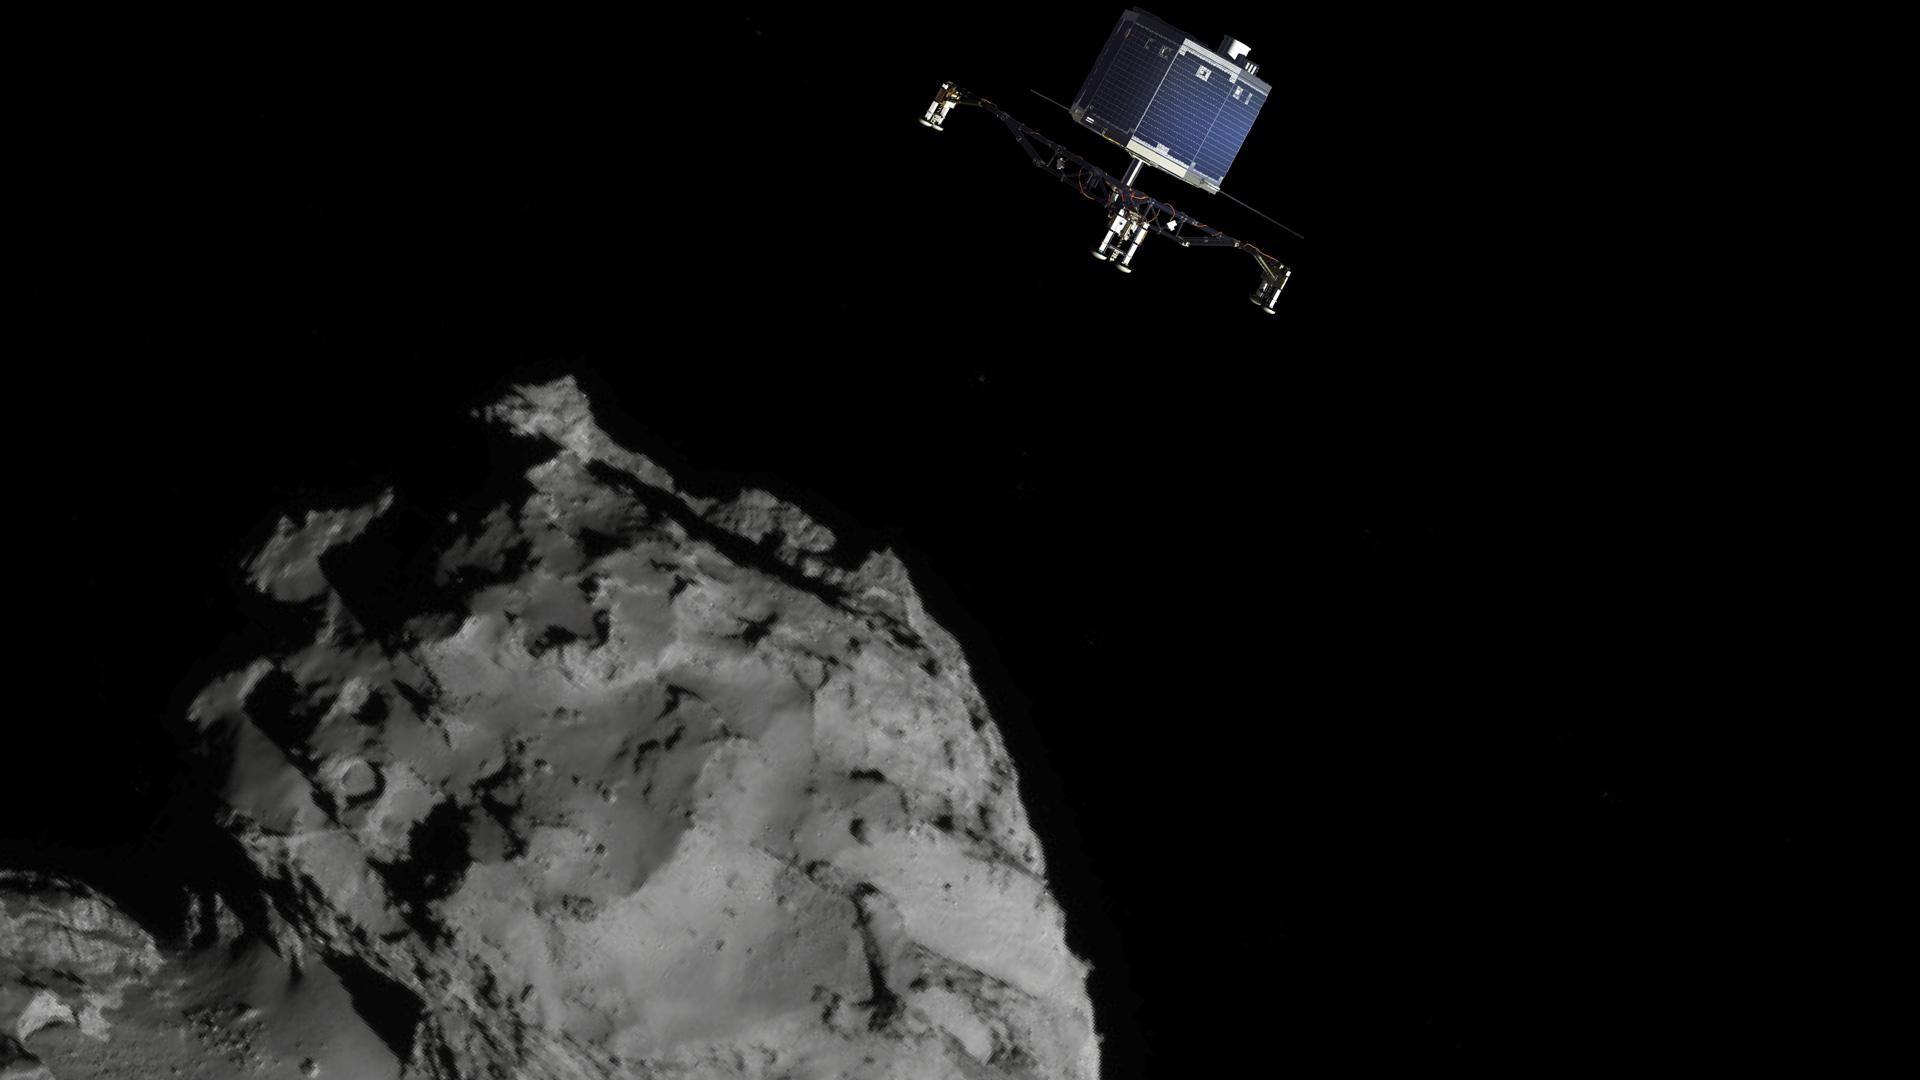 philae comet landing - photo #18